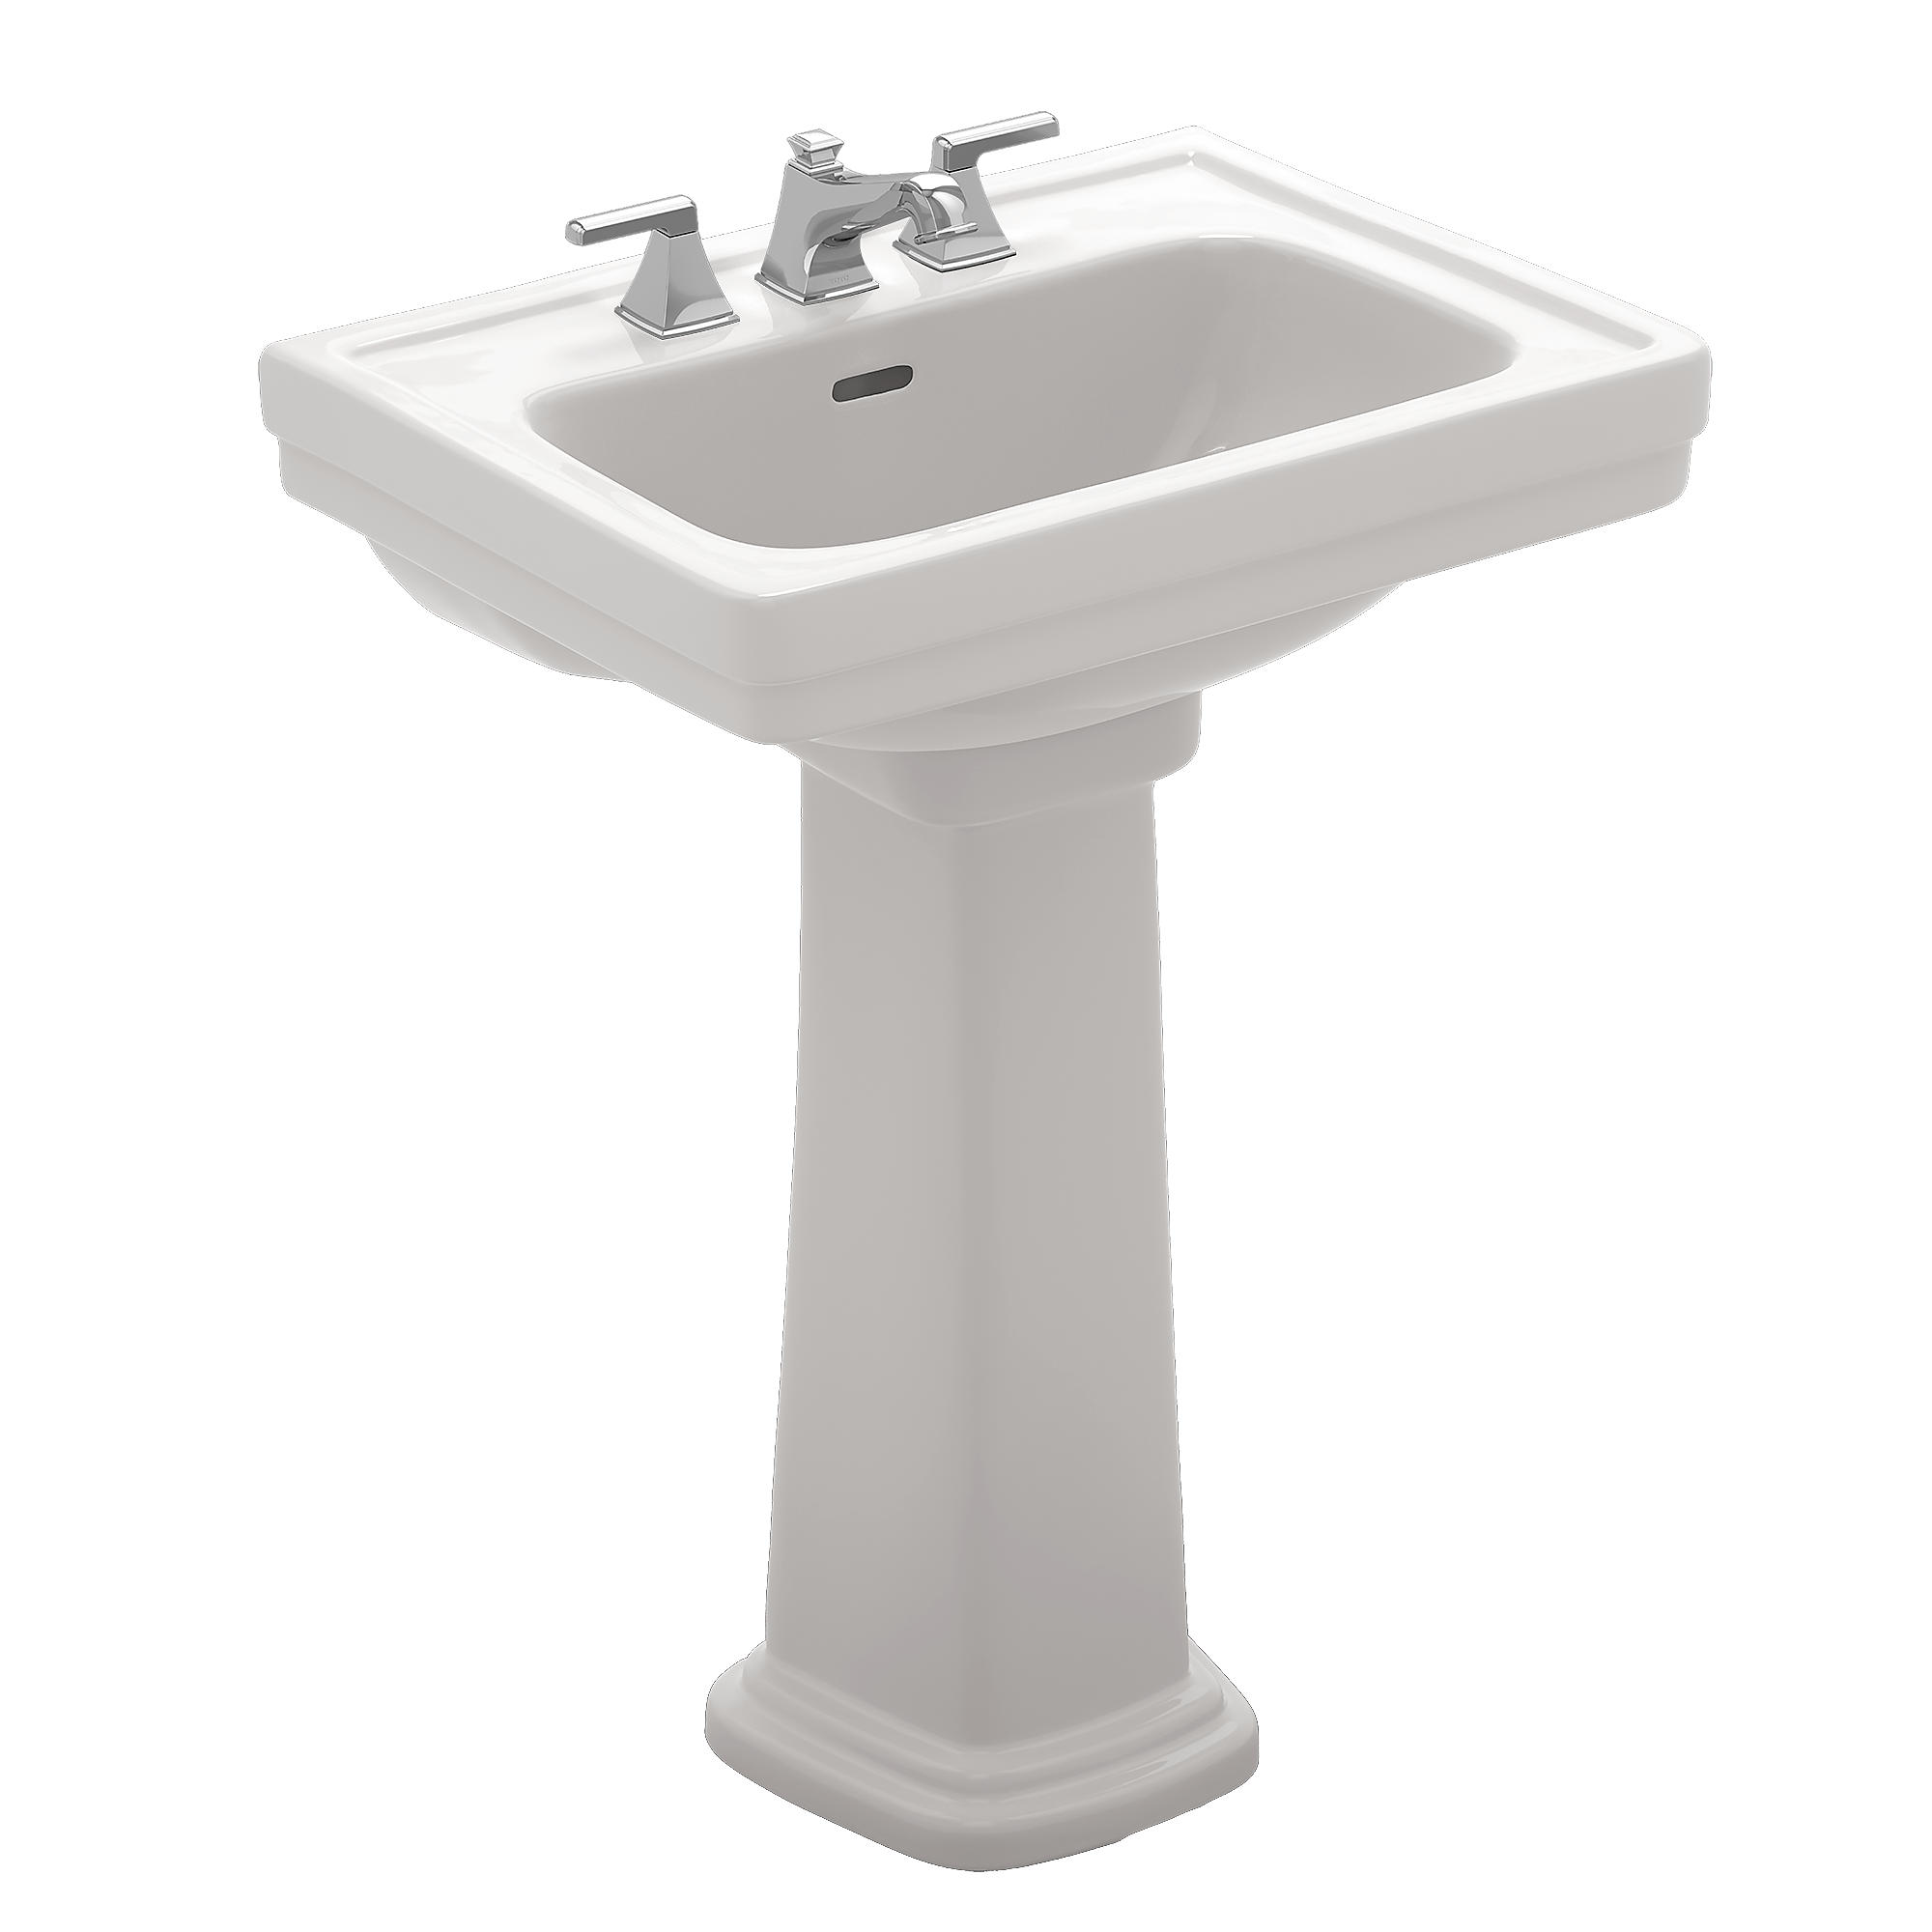 Lpt532n 01 promenade  pedestal lavatory 0